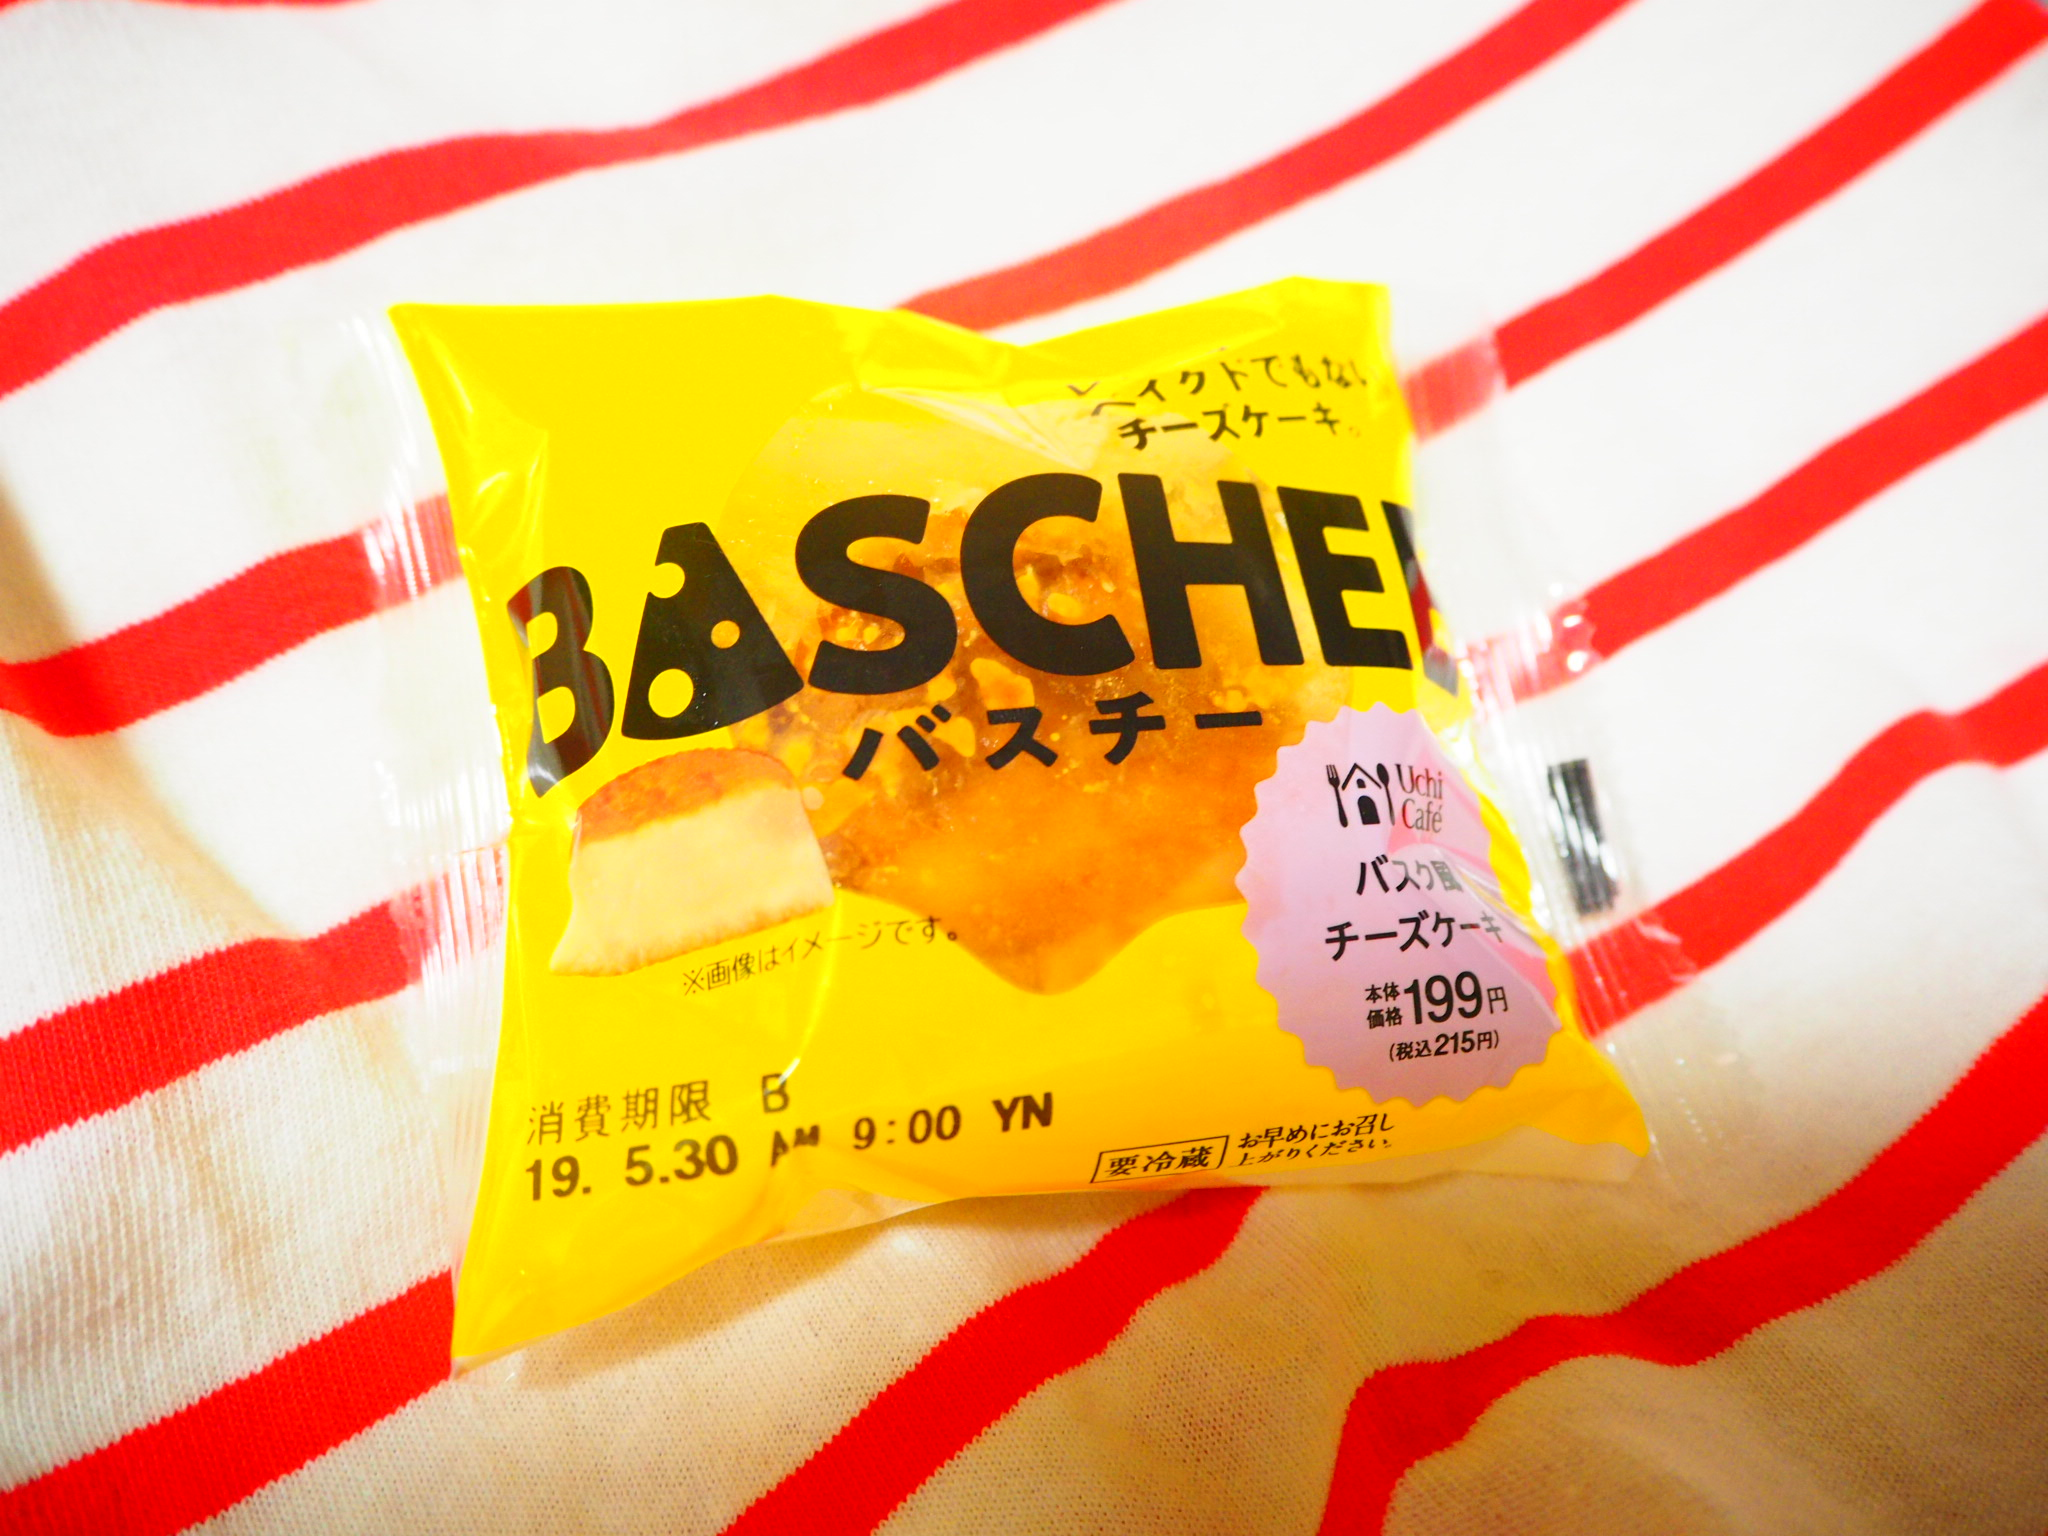 ✴︎✴︎✴︎【コンビニスイーツ】 大ヒット間違いなしと話題のバスク風チーズケーキ(((BASCHEE)))をご紹介!✴︎✴︎✴︎_1